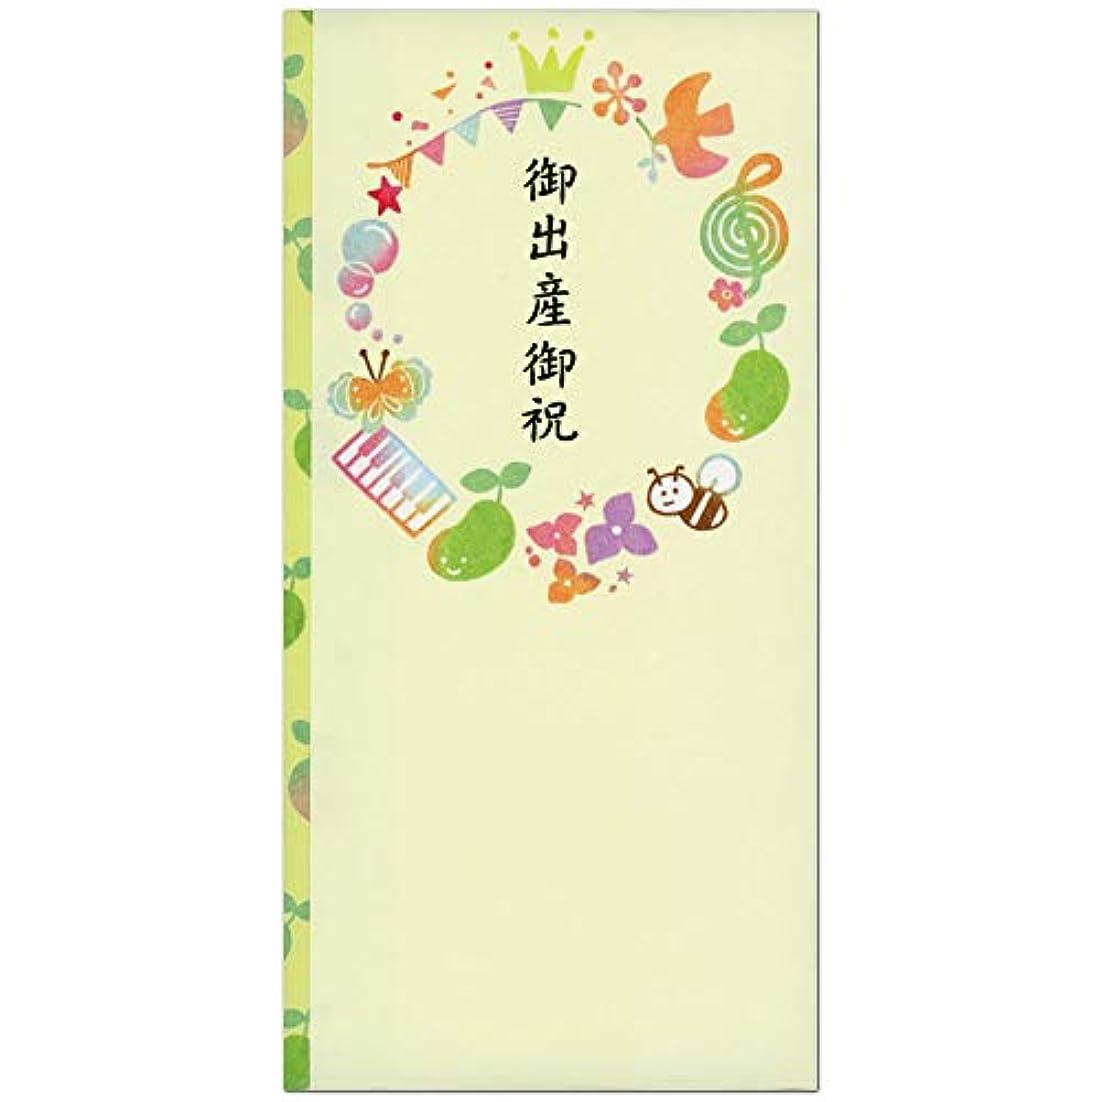 軽減誘うコンセンサスフロンティア 祝儀袋 出産祝 はんこ新芽 黄色 SG−184 黄色